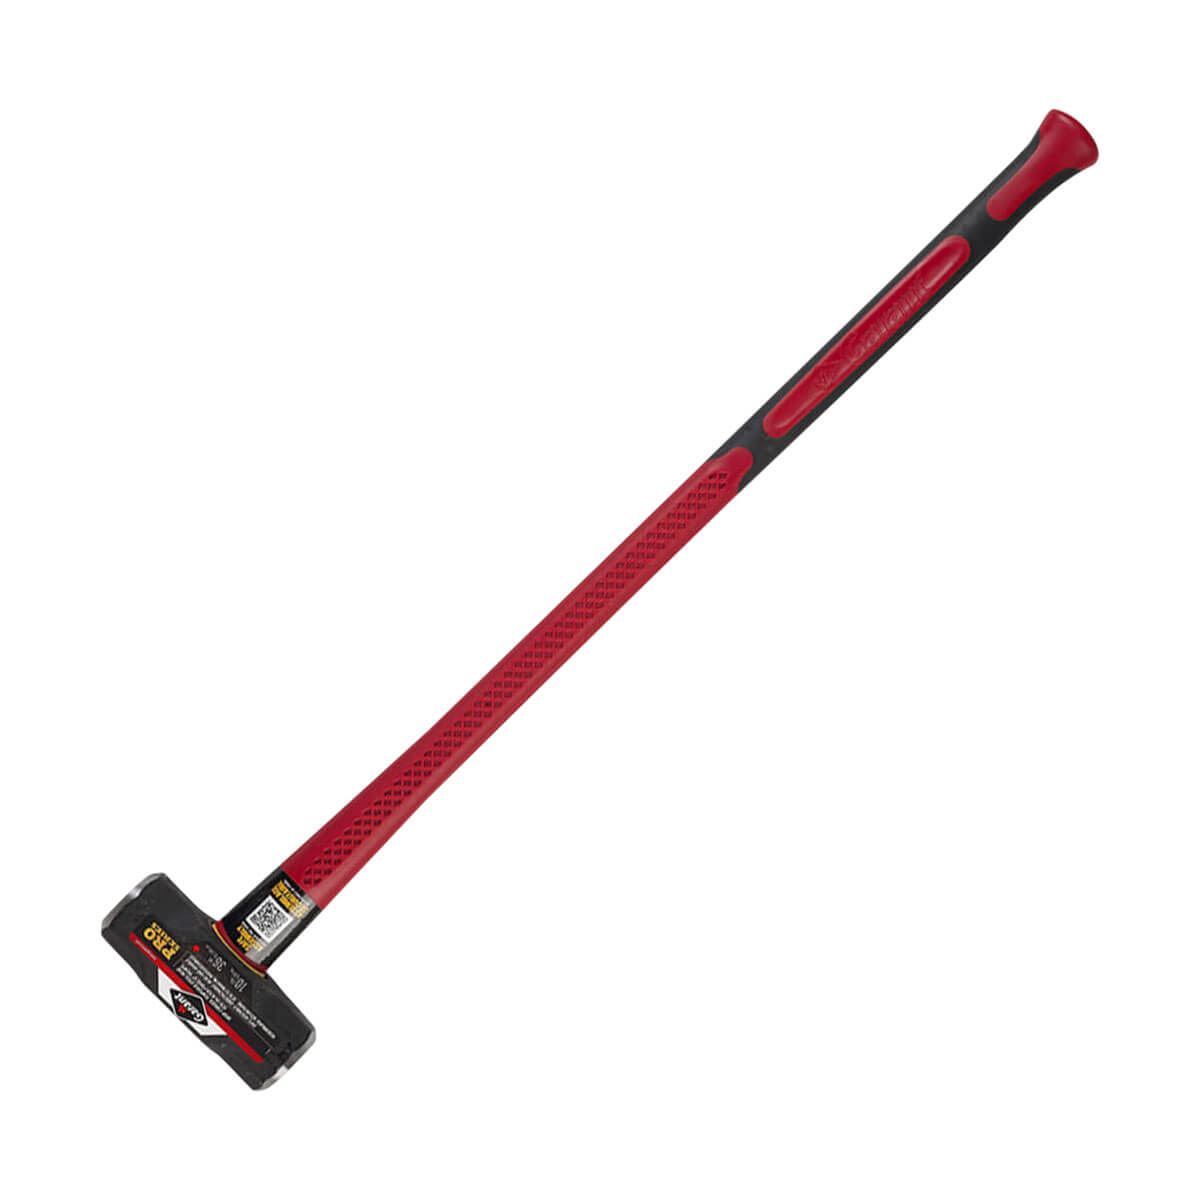 """Garant Sledge Hammer - 32"""" - 8 lb."""